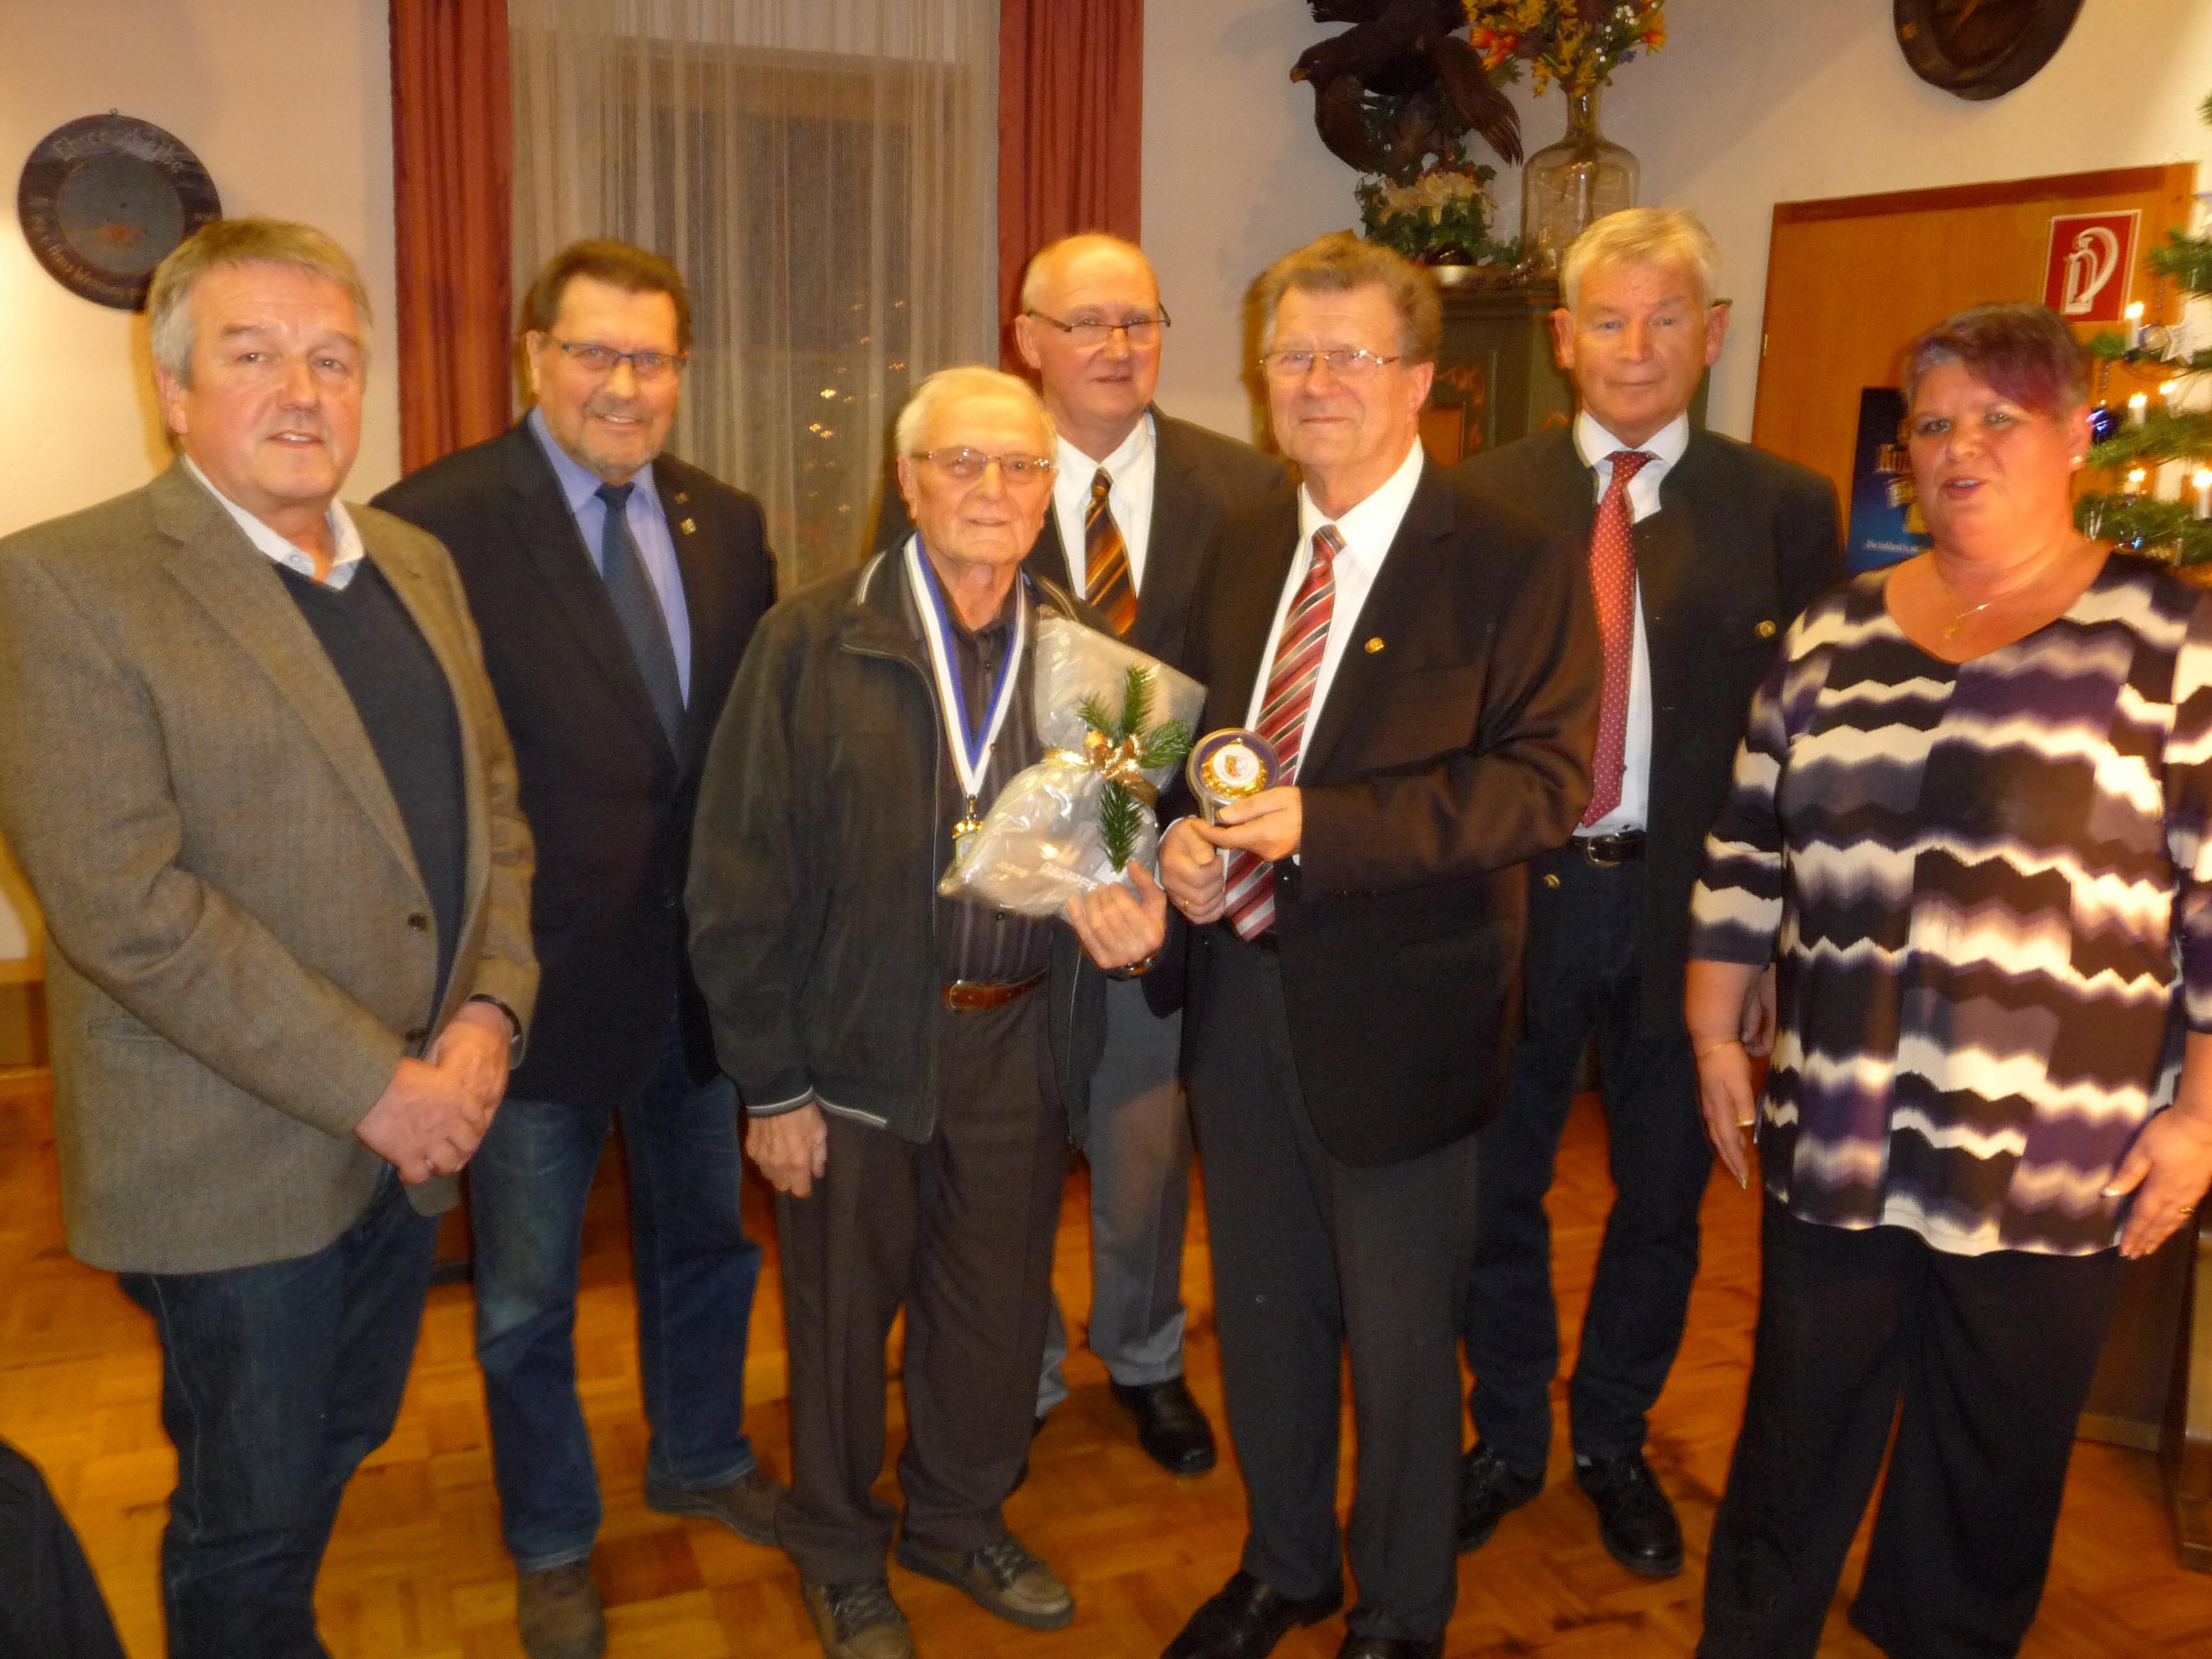 v.r. Sabine Birner, Ernst Werner, Josef Pohl, Teddy Östreicher, Xaver Weickmann, Herbert Tischler, Gerald Bolleininger